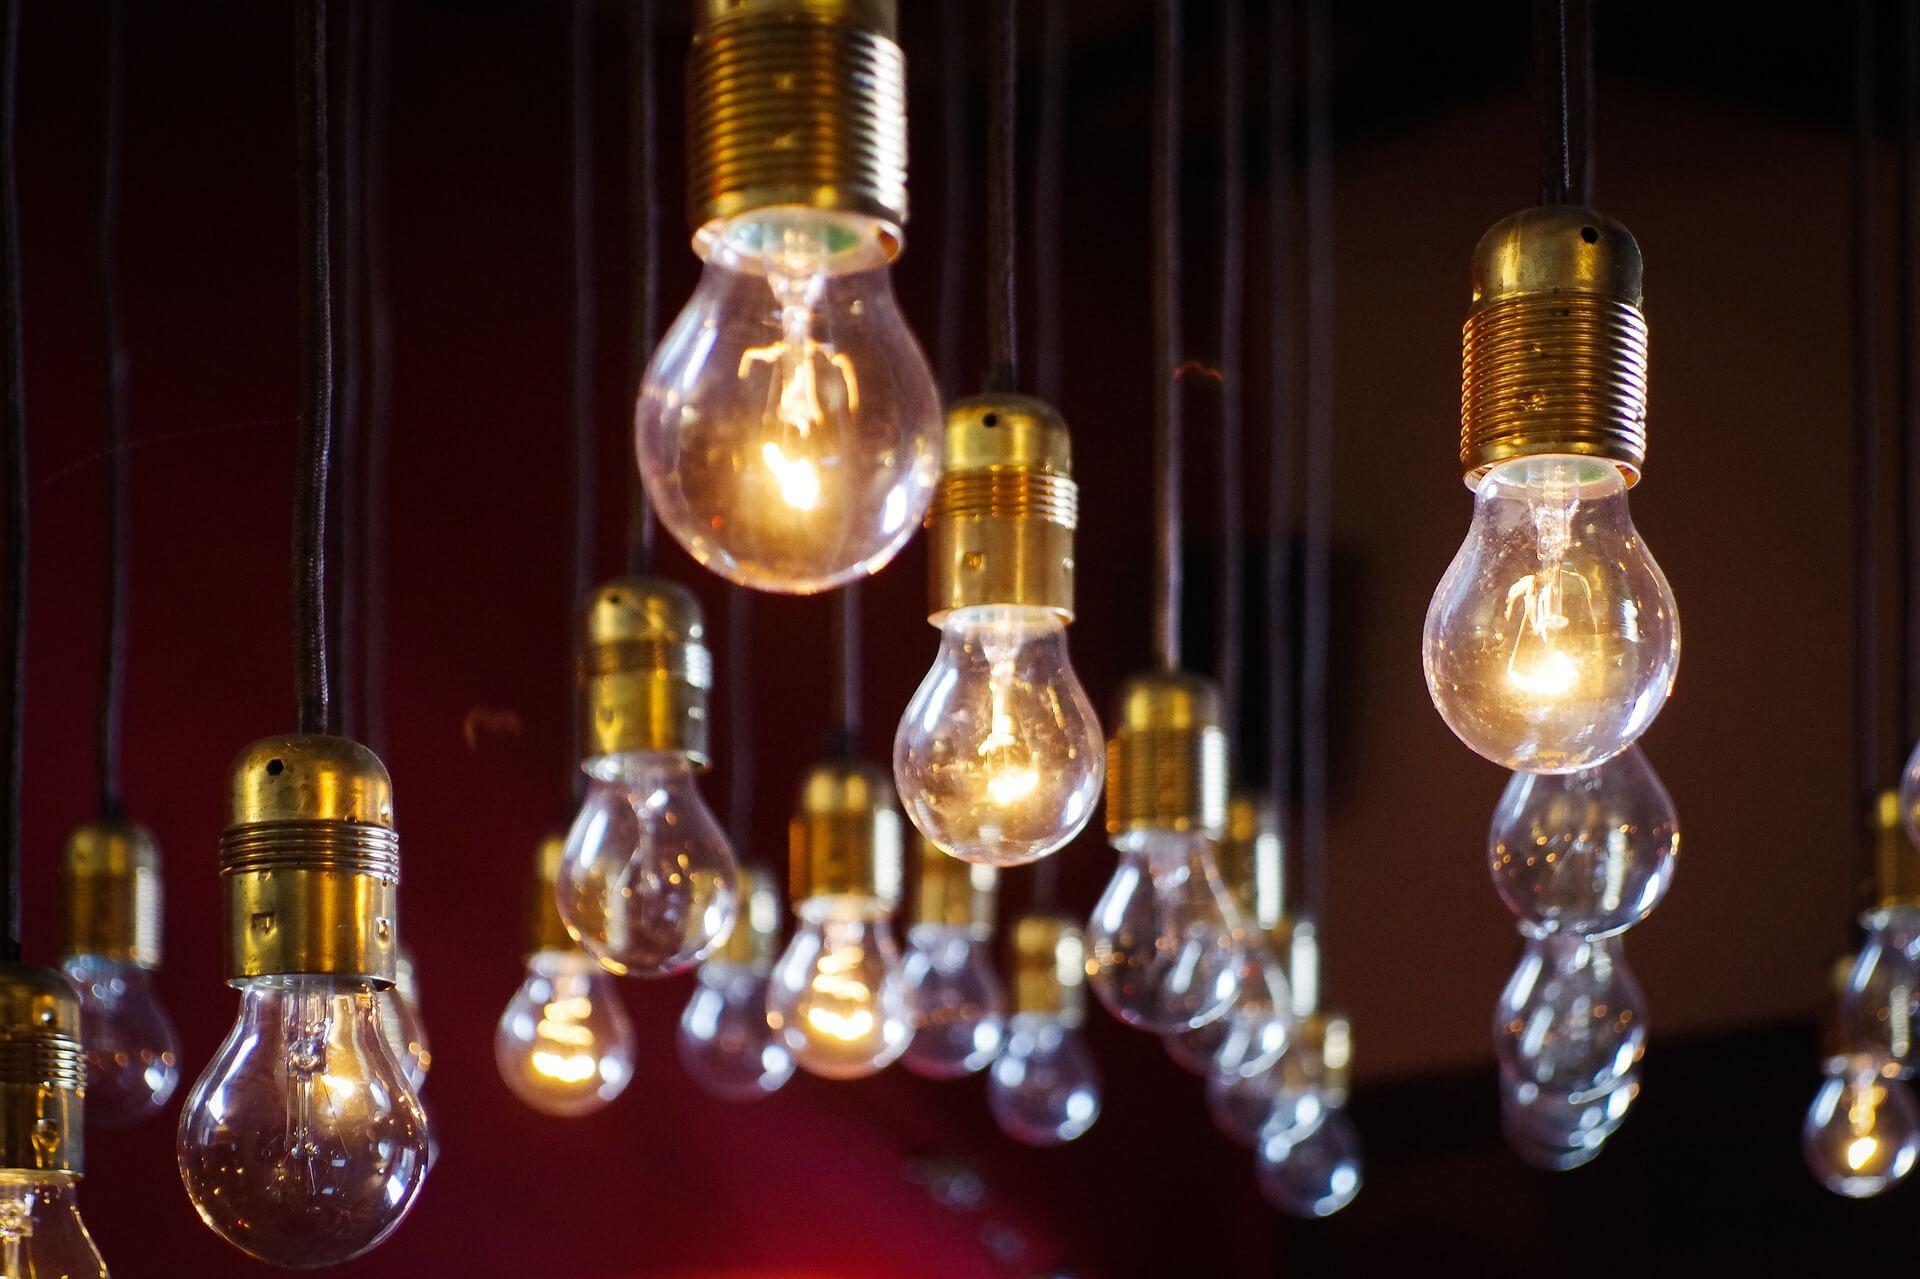 Alles over verlichting voor in huis - Advies & Inspiratie | Wiki Wonen